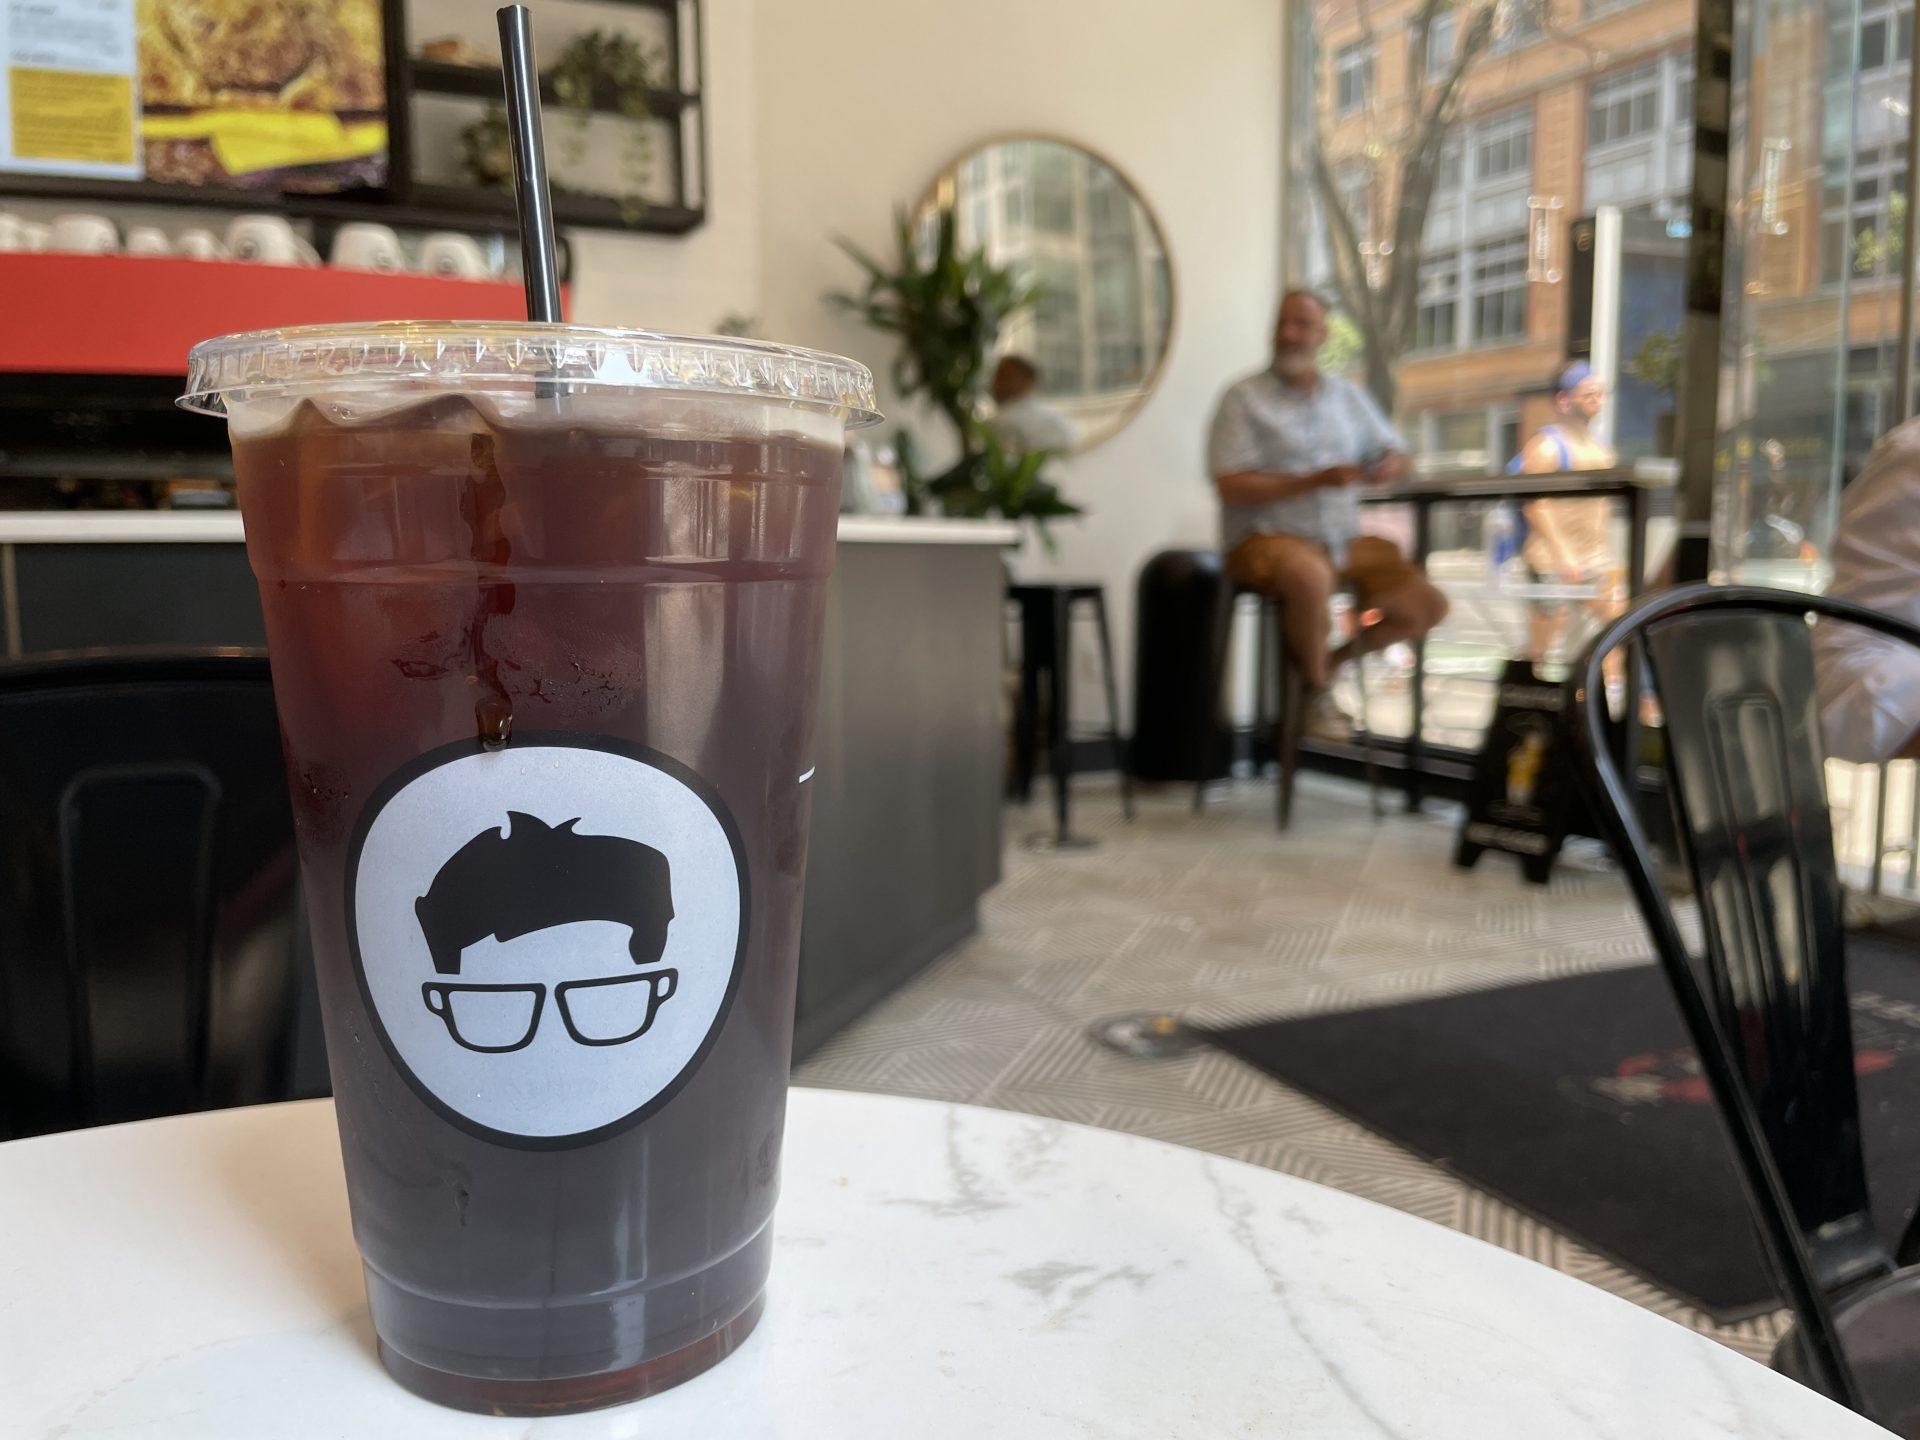 【マンハッタン発】メガネのマークが目印 グレゴリーズ・コーヒー(Gregorys Coffee)